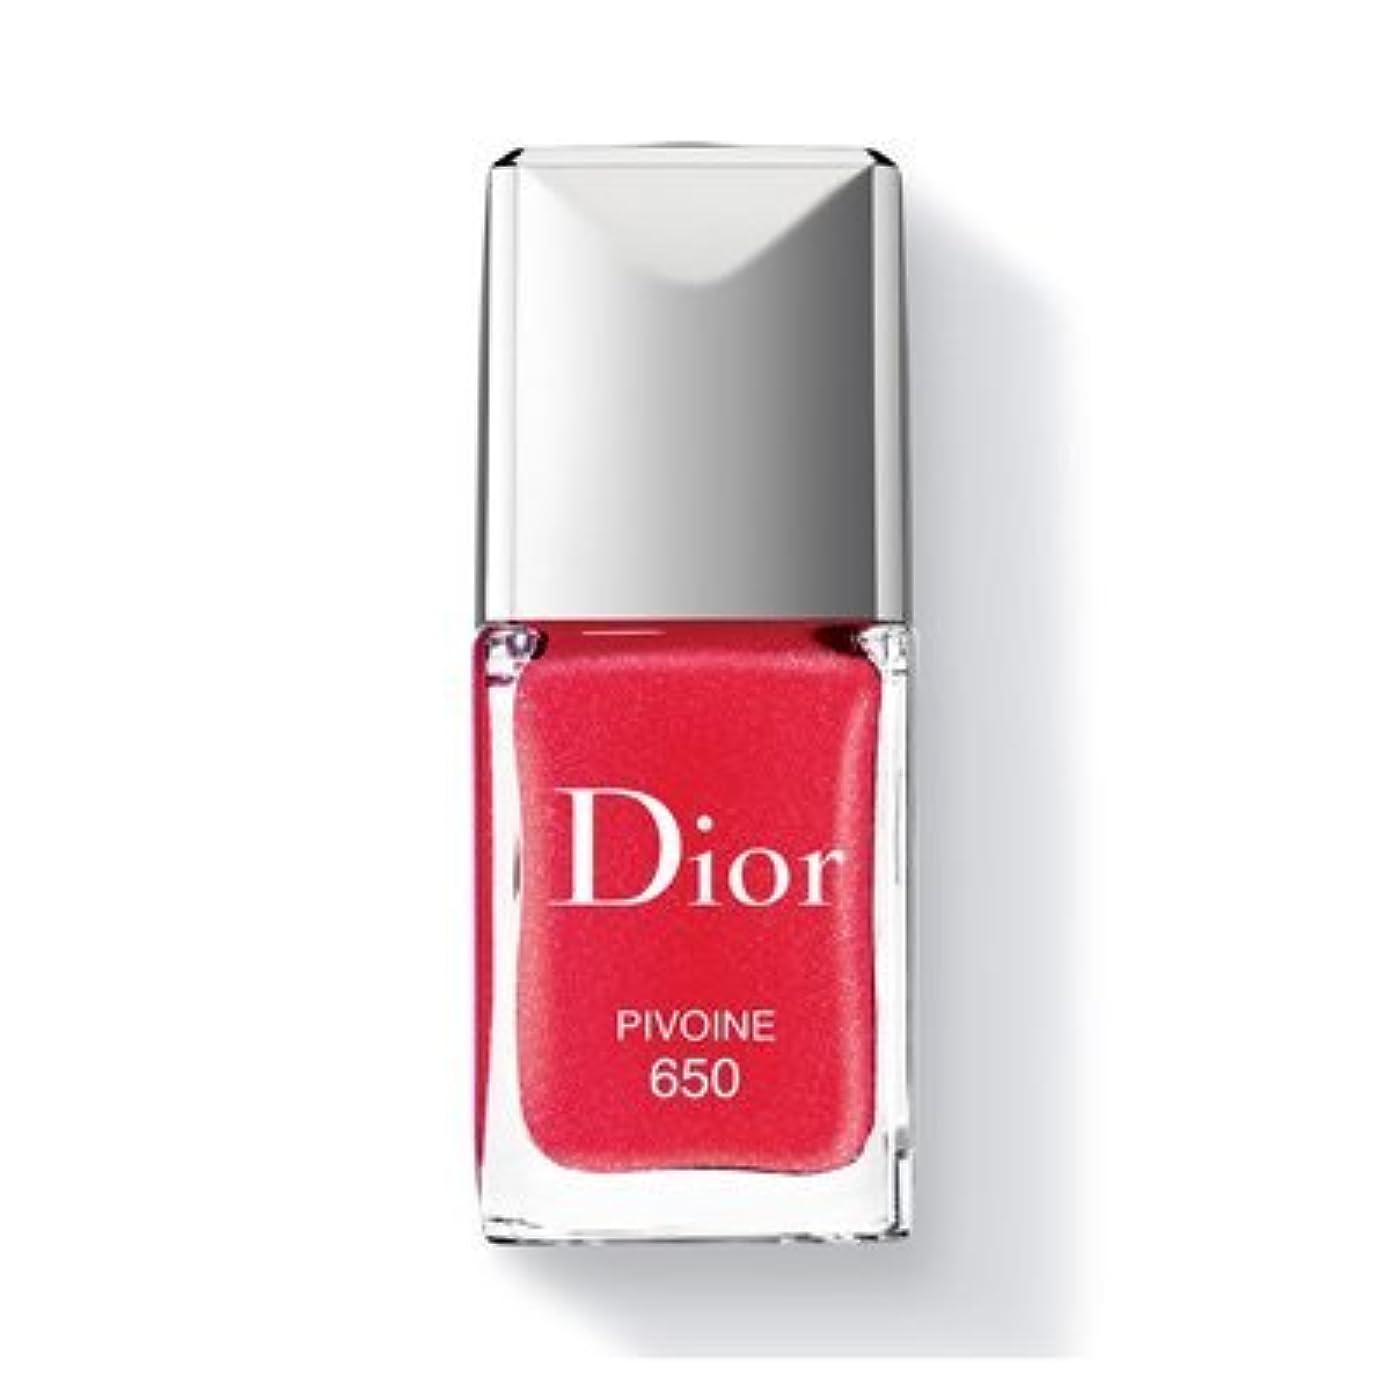 どちらもヒント調和のとれたChristian Dior クリスチャン ディオール ディオール ヴェルニ #650 PIVOINE 10ml [並行輸入品]